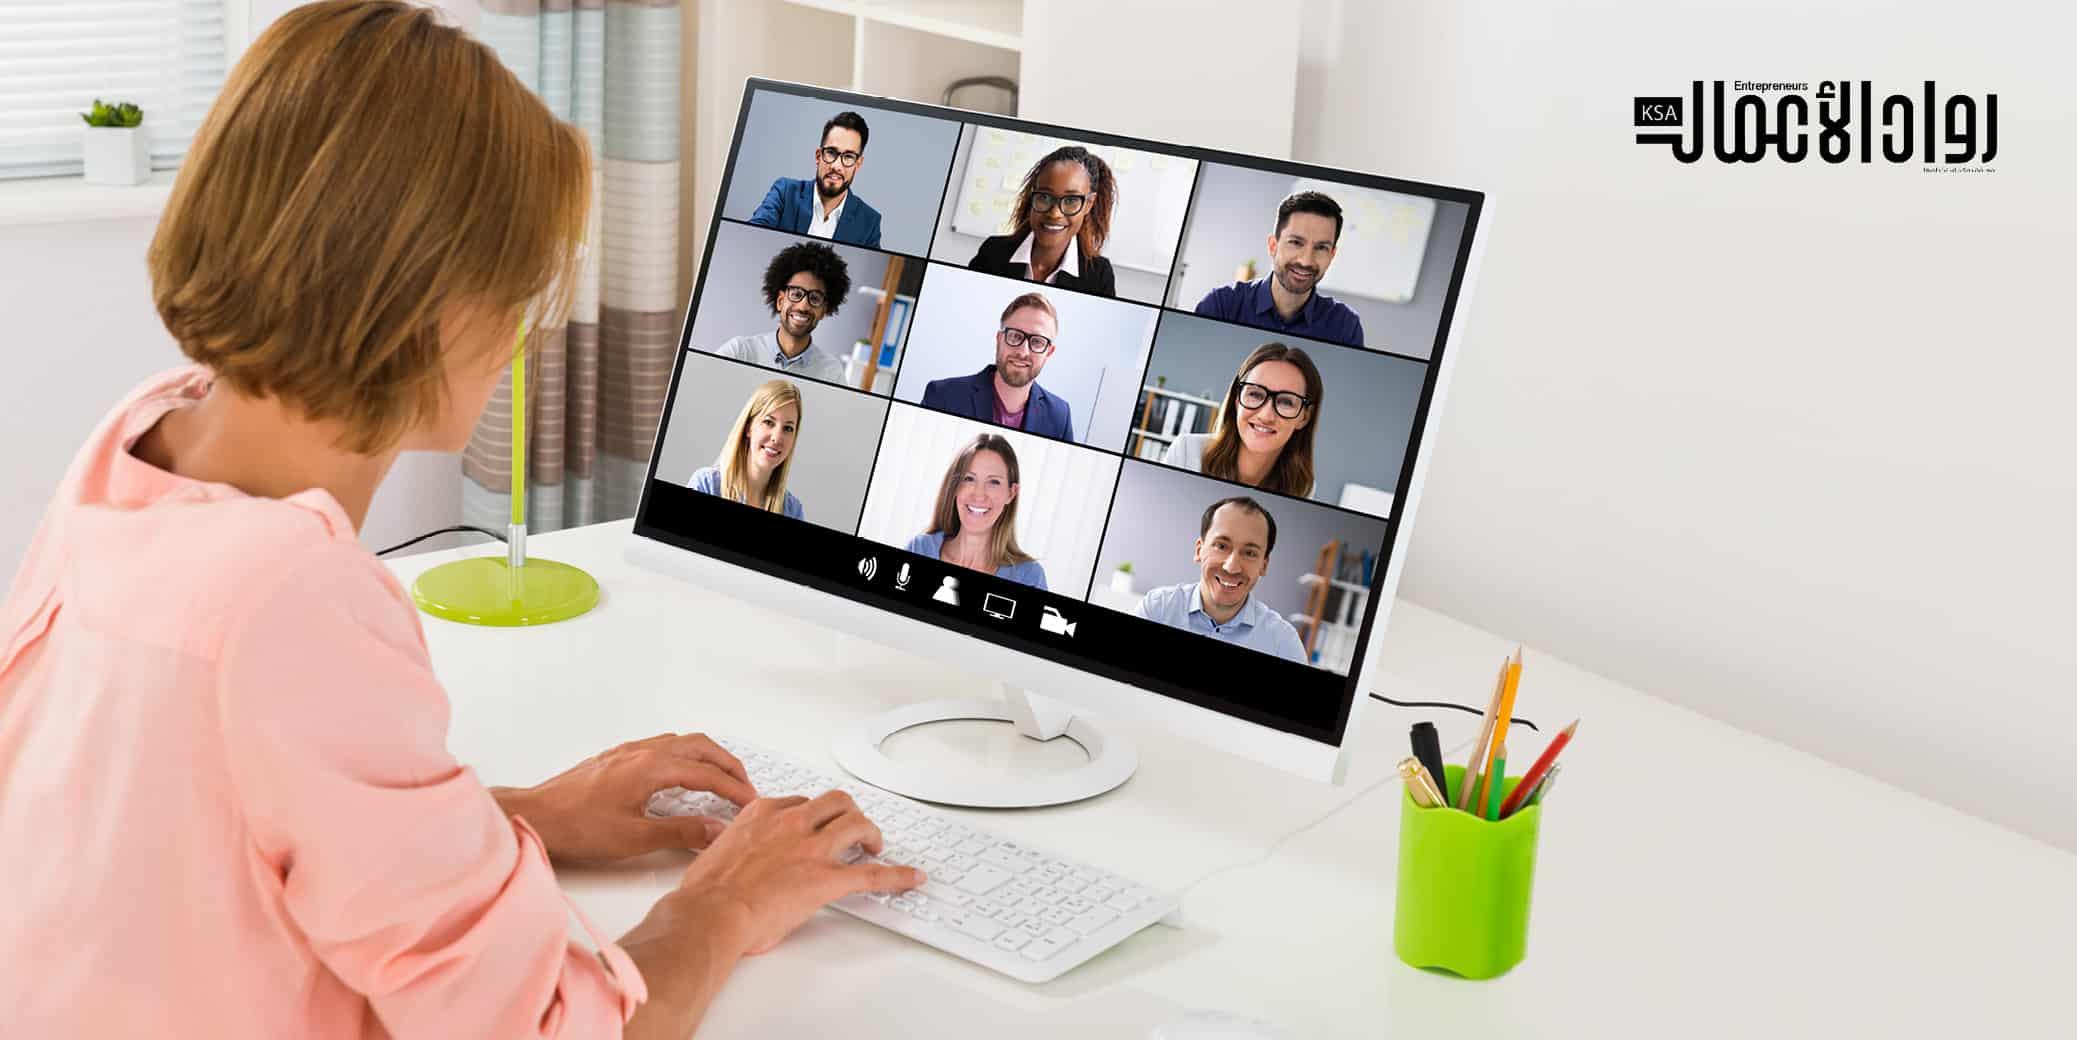 البث المباشر للشركات